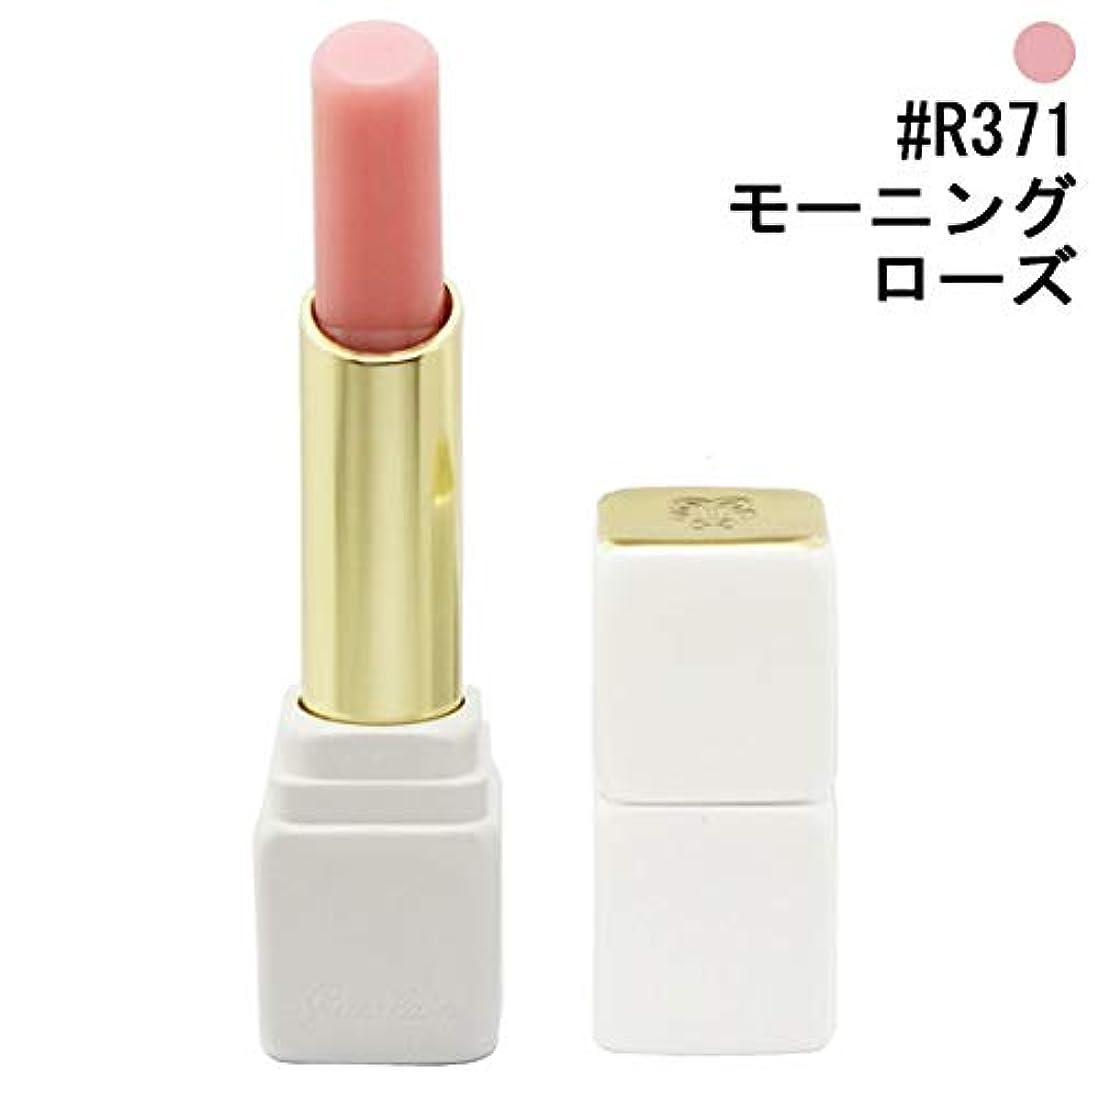 【ゲラン】キスキス ローズリップ #R371 モーニング ローズ 2.8g [並行輸入品]